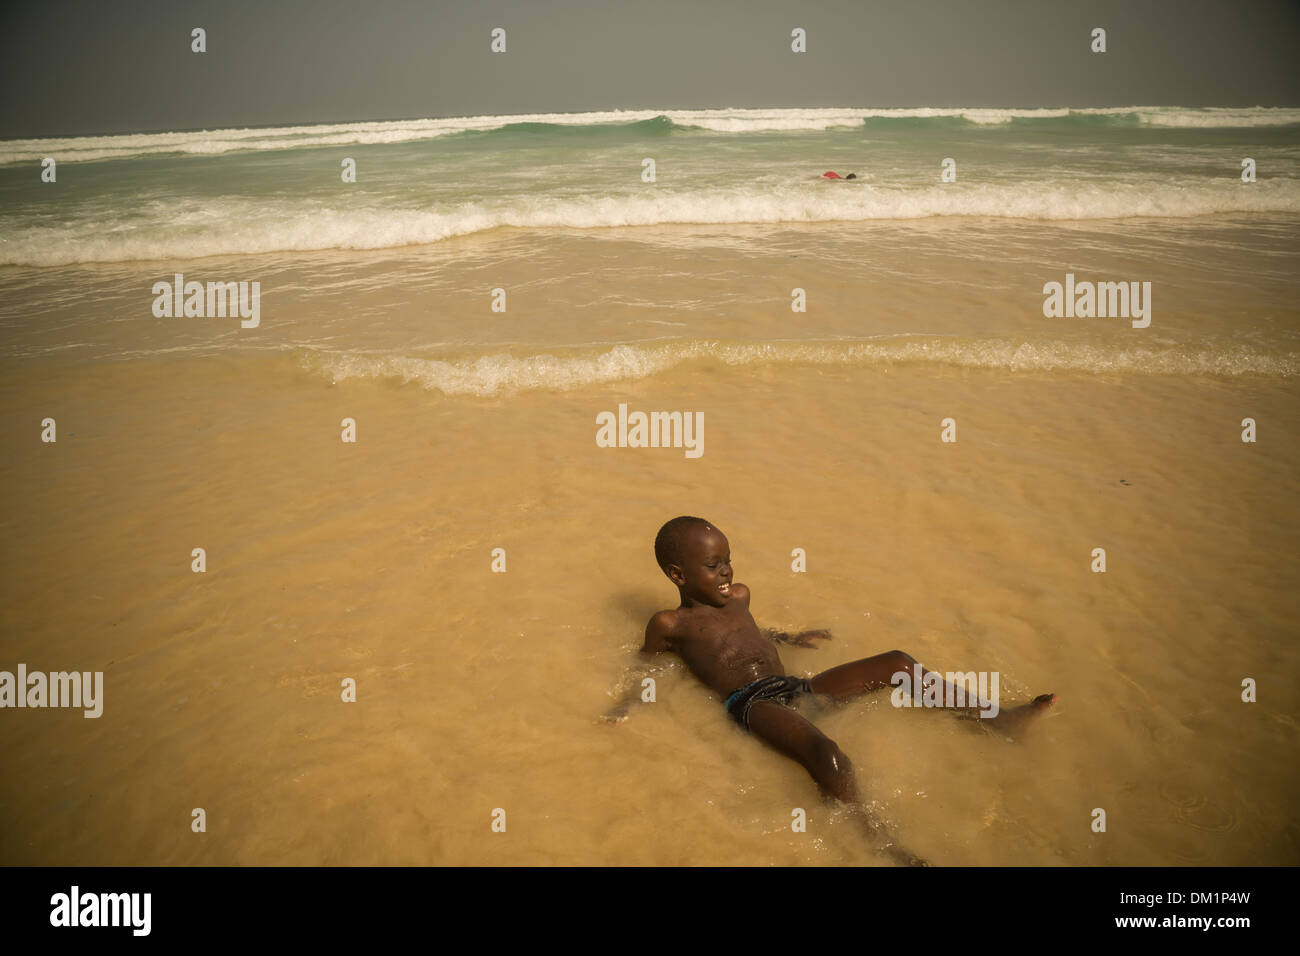 Child at Yaf beach Dakar, Senegal Stock Photo